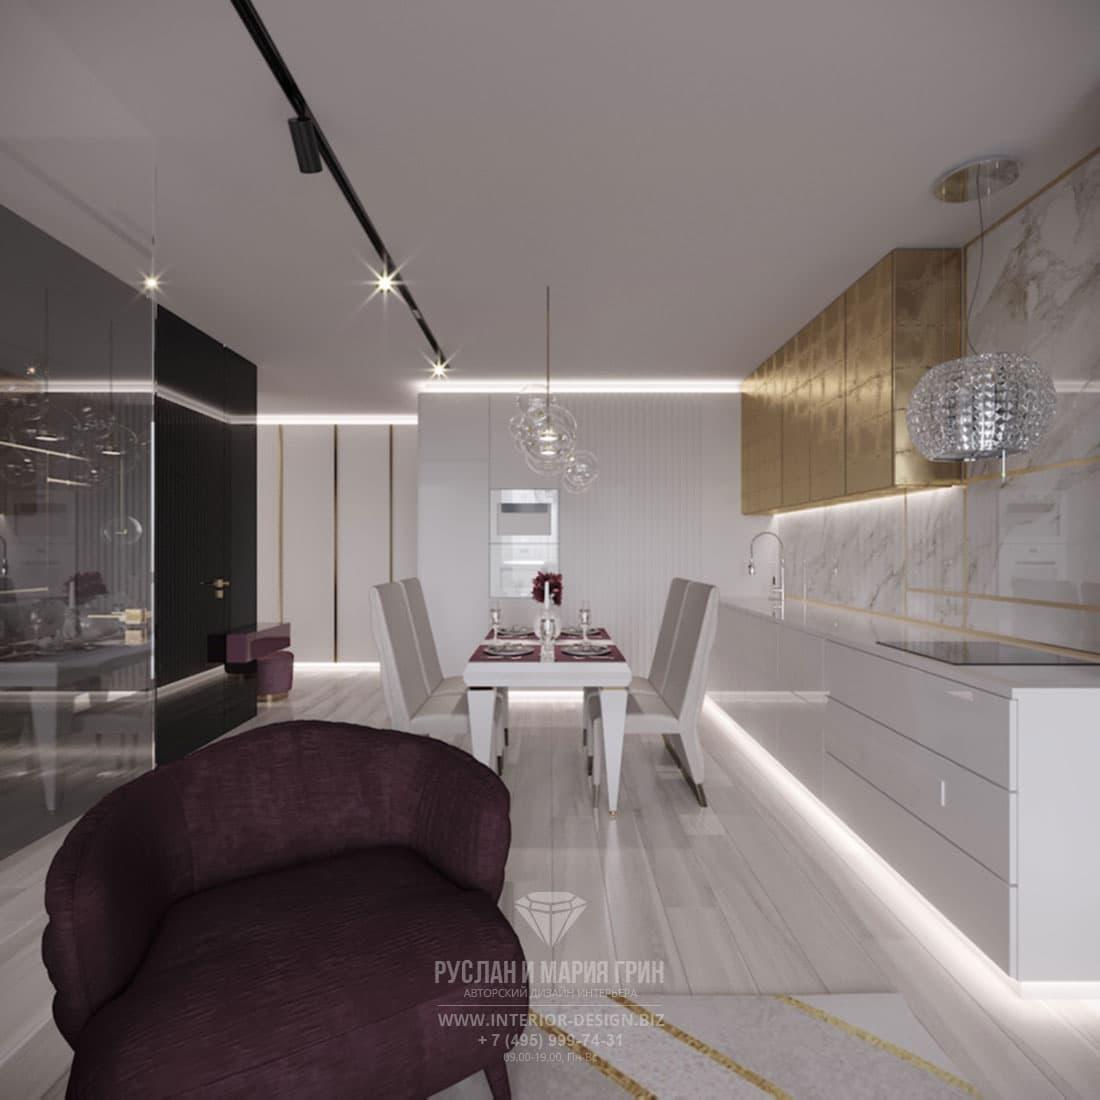 Интерьер просторной столовой в современном стиле